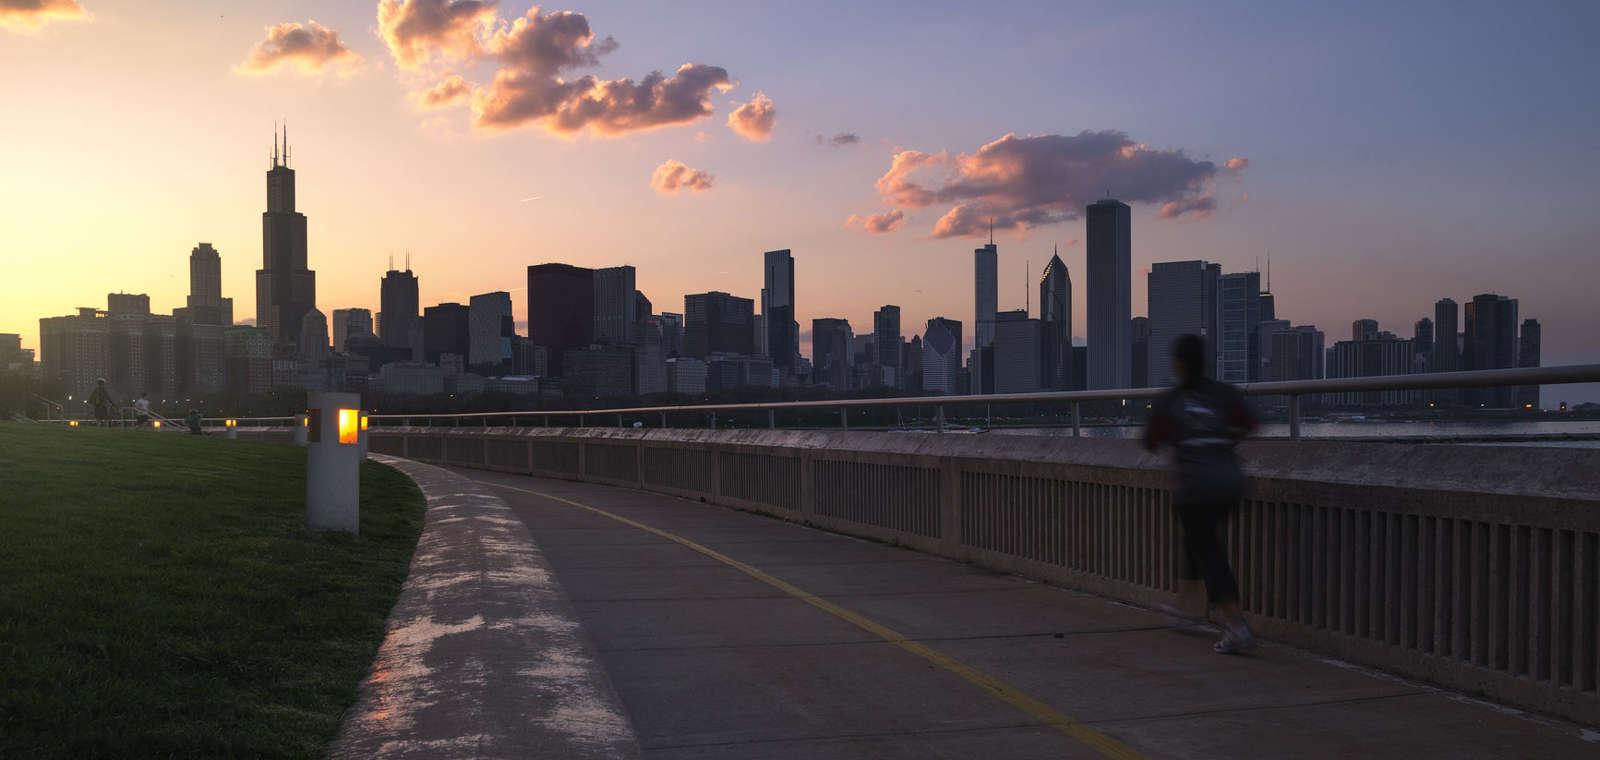 A long runner passes the skyline